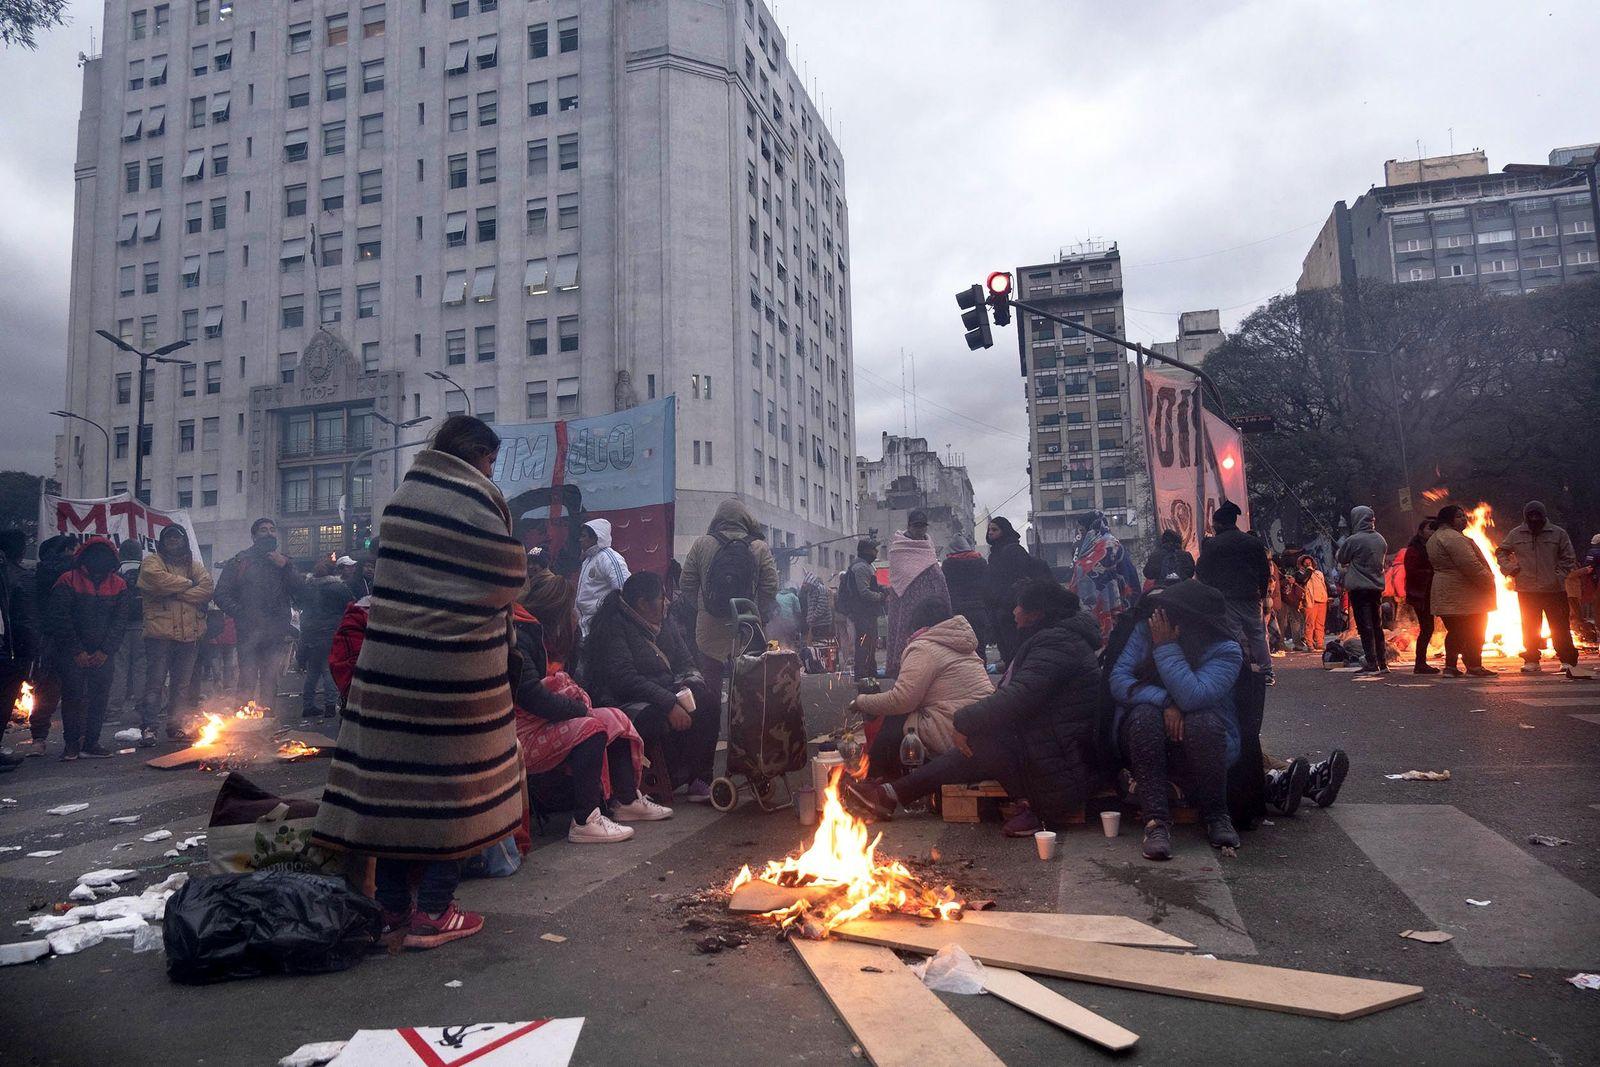 Argentinien / Finanz-Krise / Protest gegen Lebenshaltungskosten in Argentinien